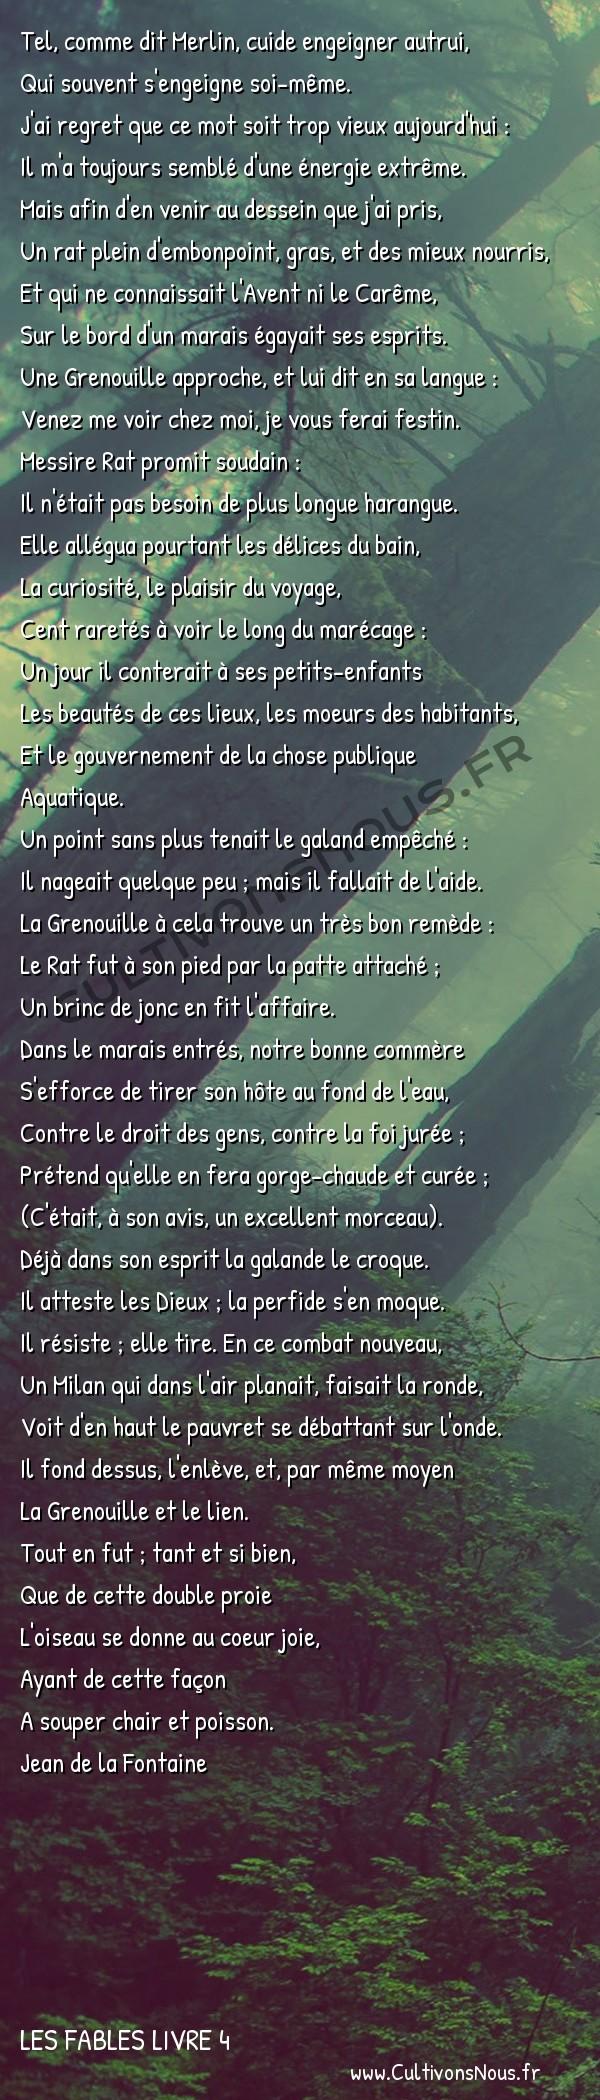 Fables Jean de la Fontaine - Les fables Livre 4 - La Grenouille et le Rat -   Tel, comme dit Merlin, cuide engeigner autrui, Qui souvent s'engeigne soi-même.